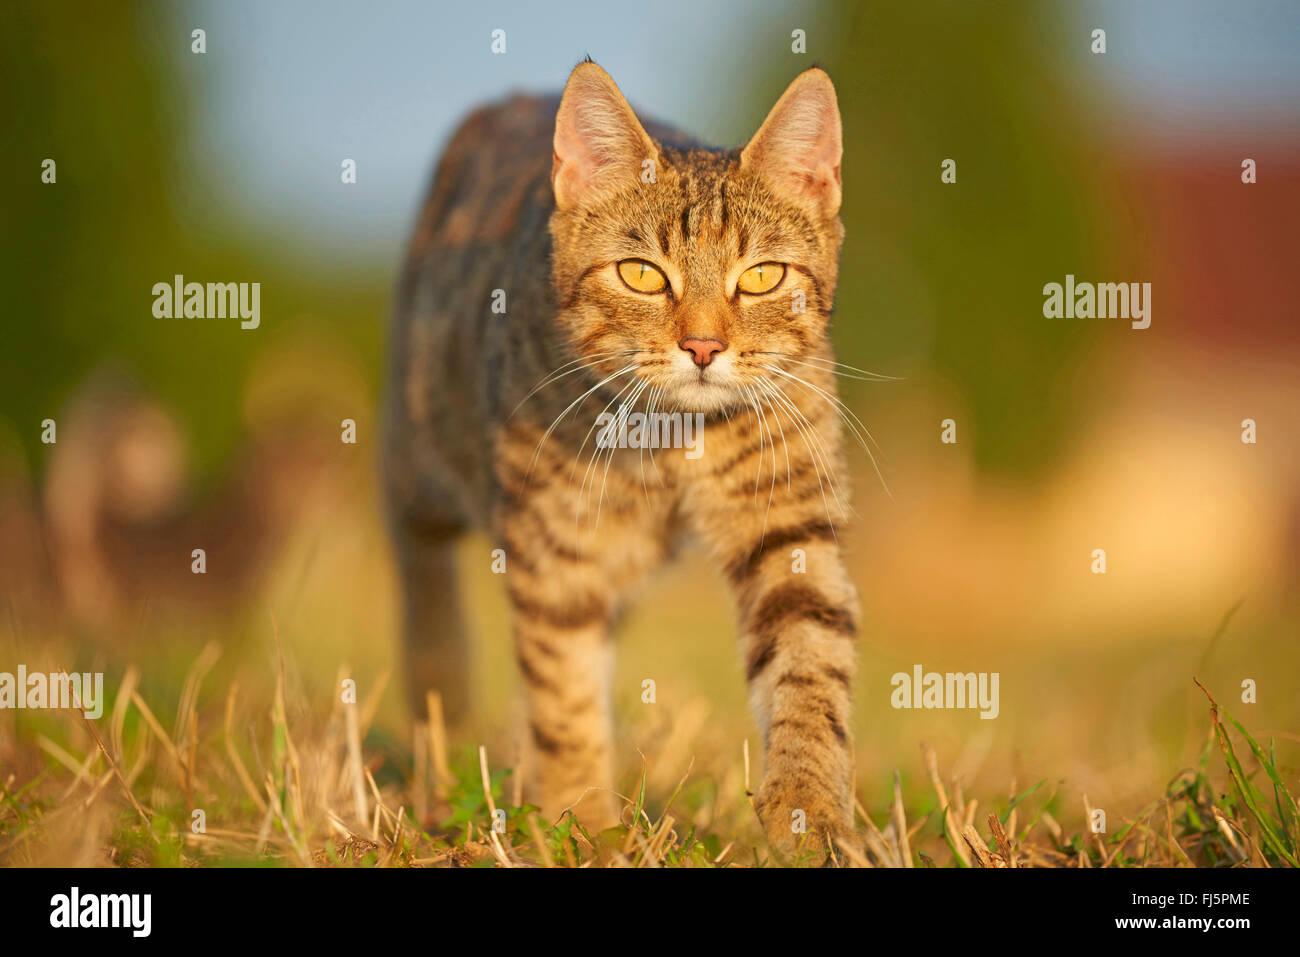 Chat domestique, le chat domestique (Felis silvestris catus). f, marcher dans un pré, vue avant, Allemagne Banque D'Images